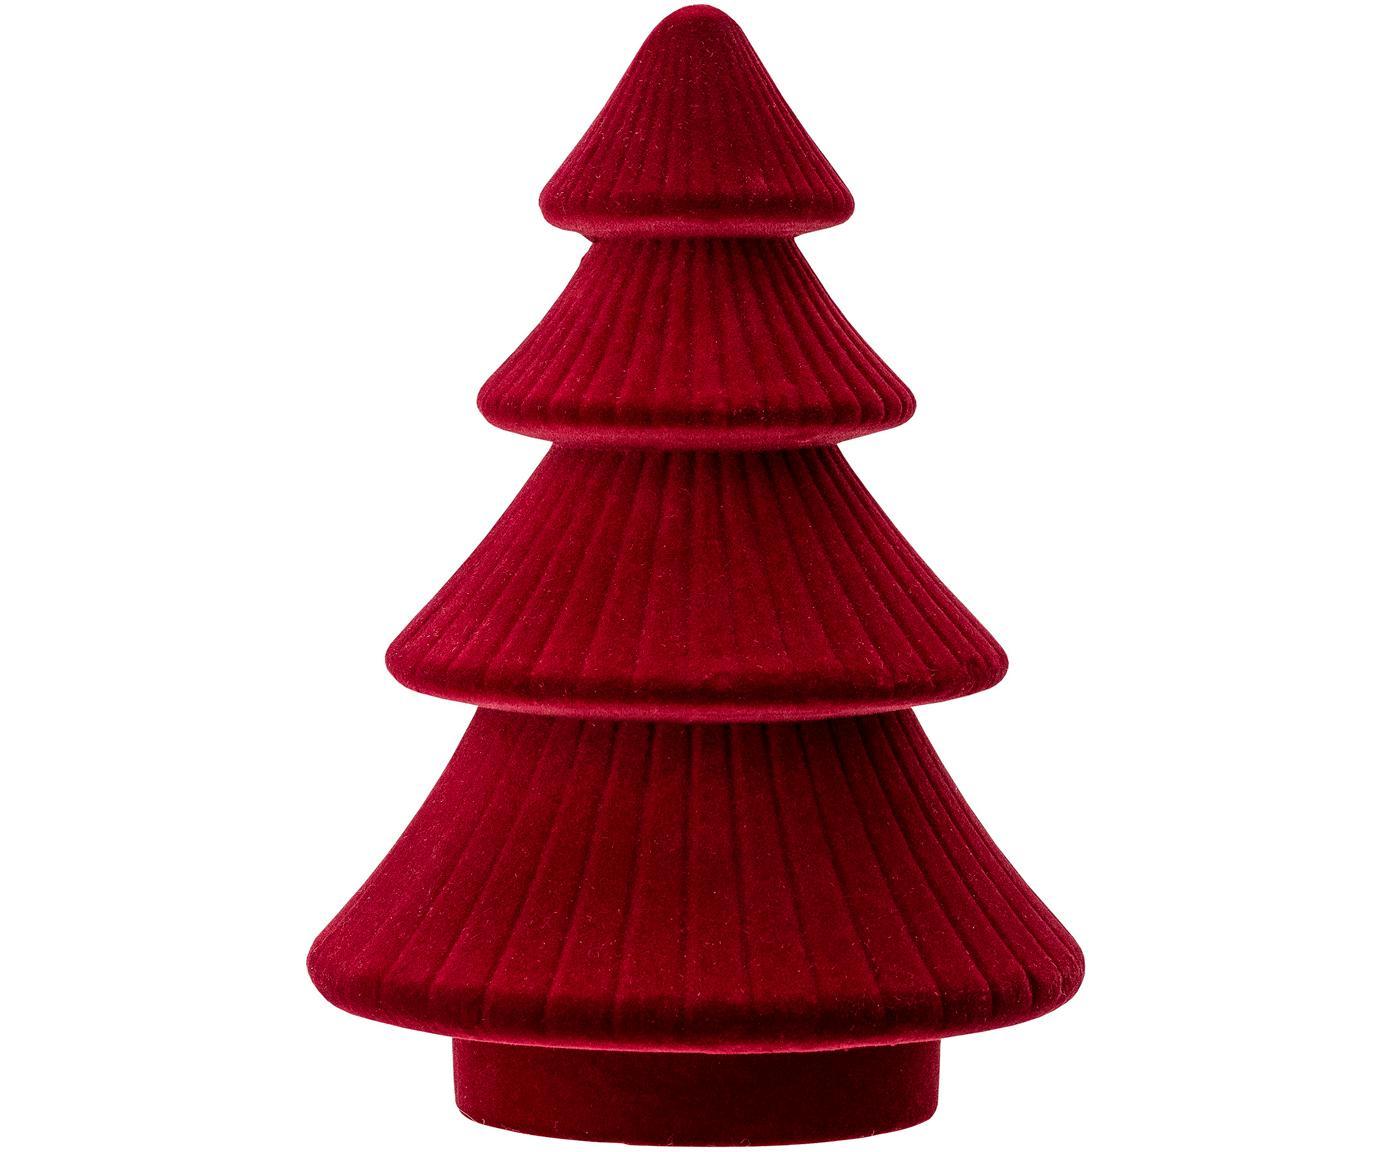 Pieza decorativa Tree, Tablero de fibras de densidad media (MDF), terciopelo de poliéster, Rojo, Ø 14 x Al 20 cm